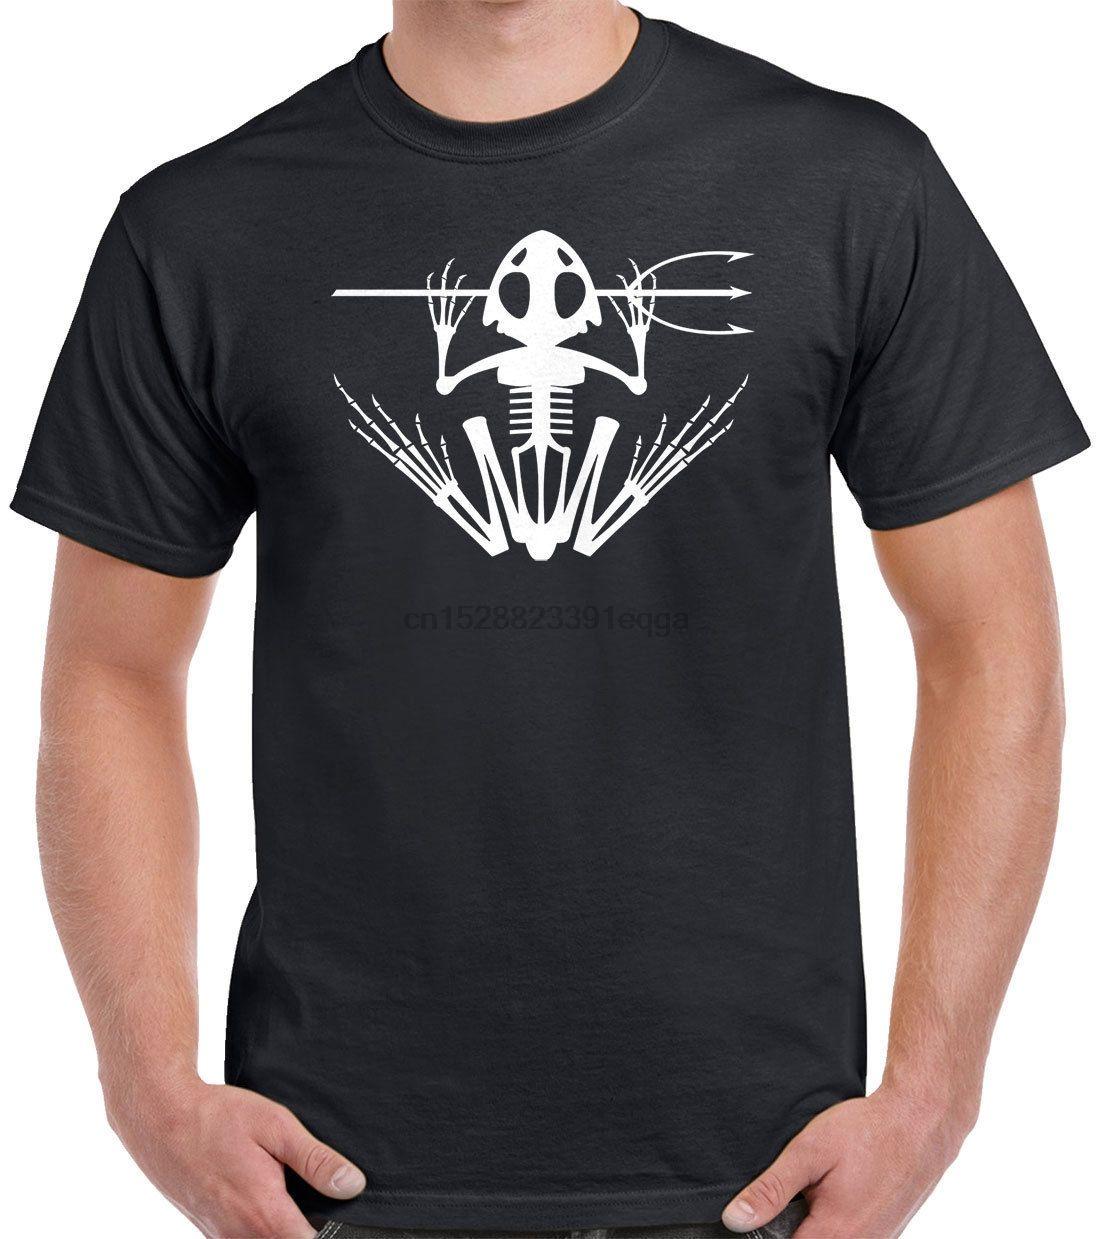 Navy SEAL-Frosch-T-Shirt - Bonefrog Frogman lustige T-mens Hop T Shirts Sommer-Männer Art und Weise T-Geschenk-Druck-T-Shirt